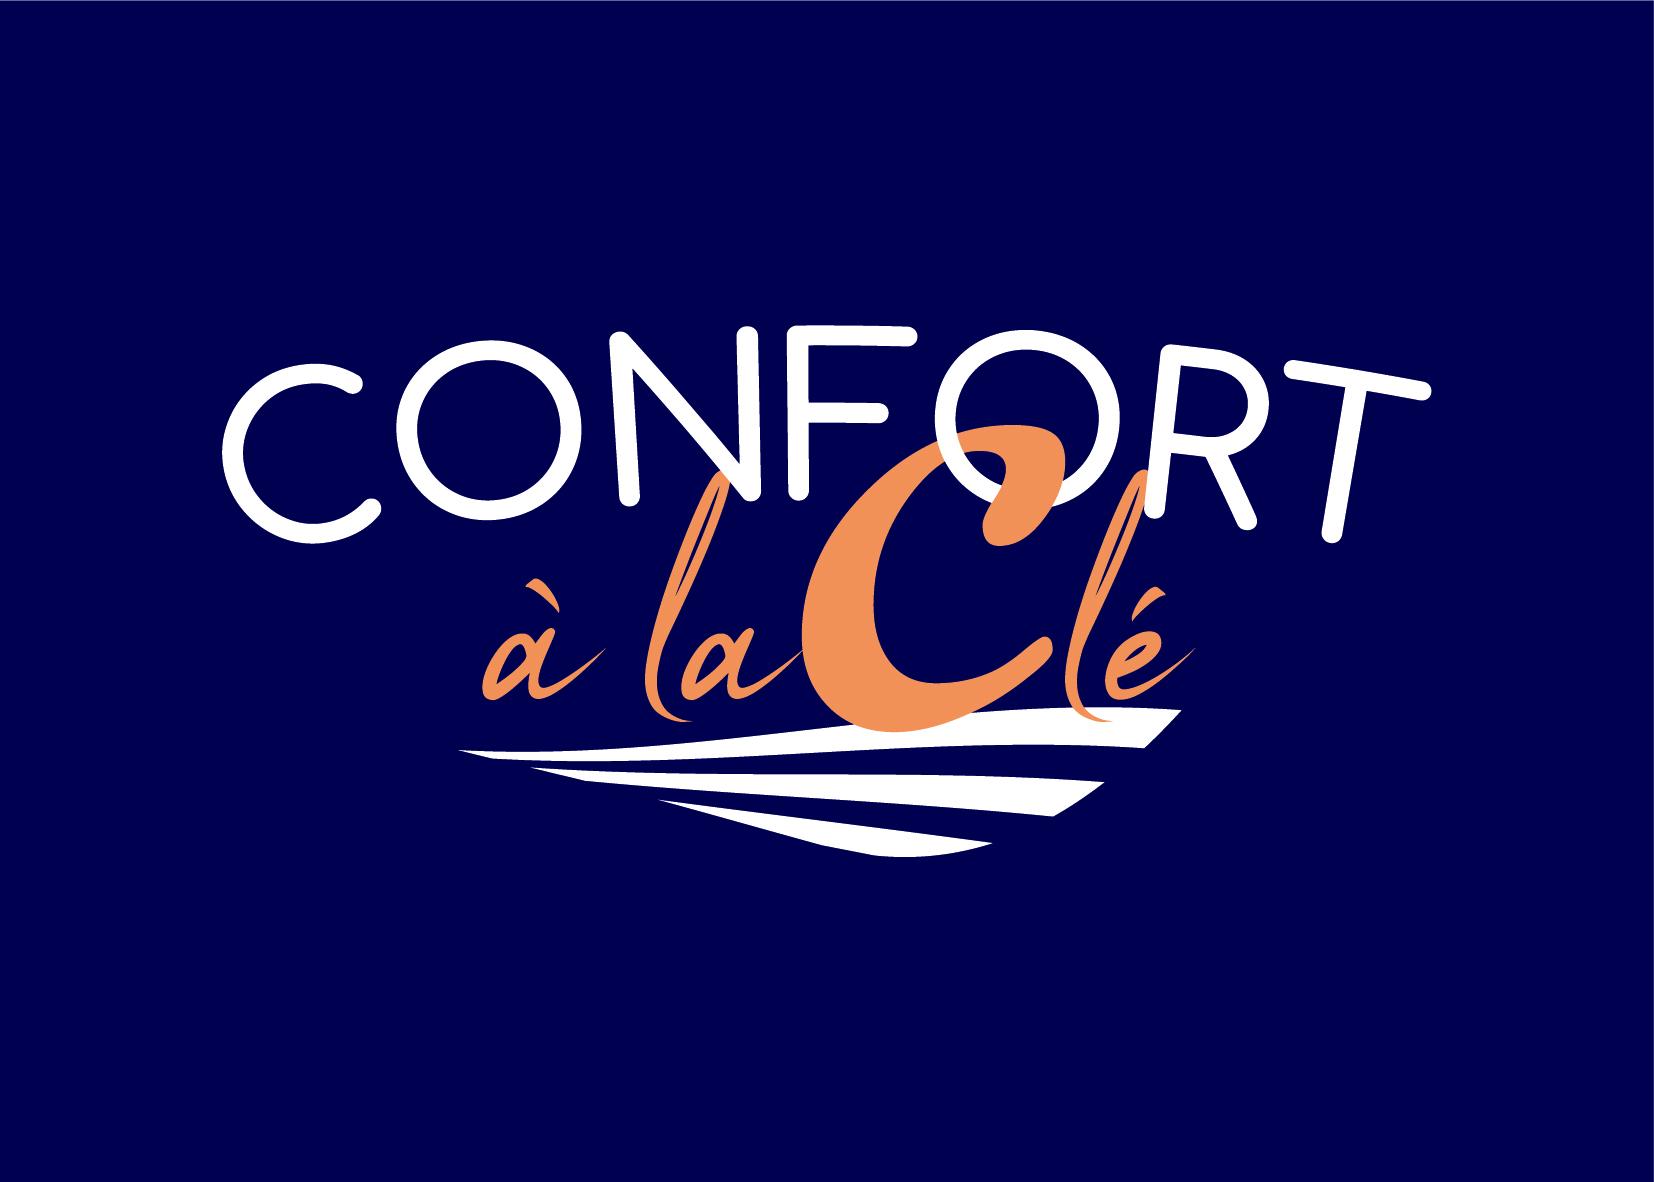 logo_confort_a_la_cle_ (CMYK) _FINAL